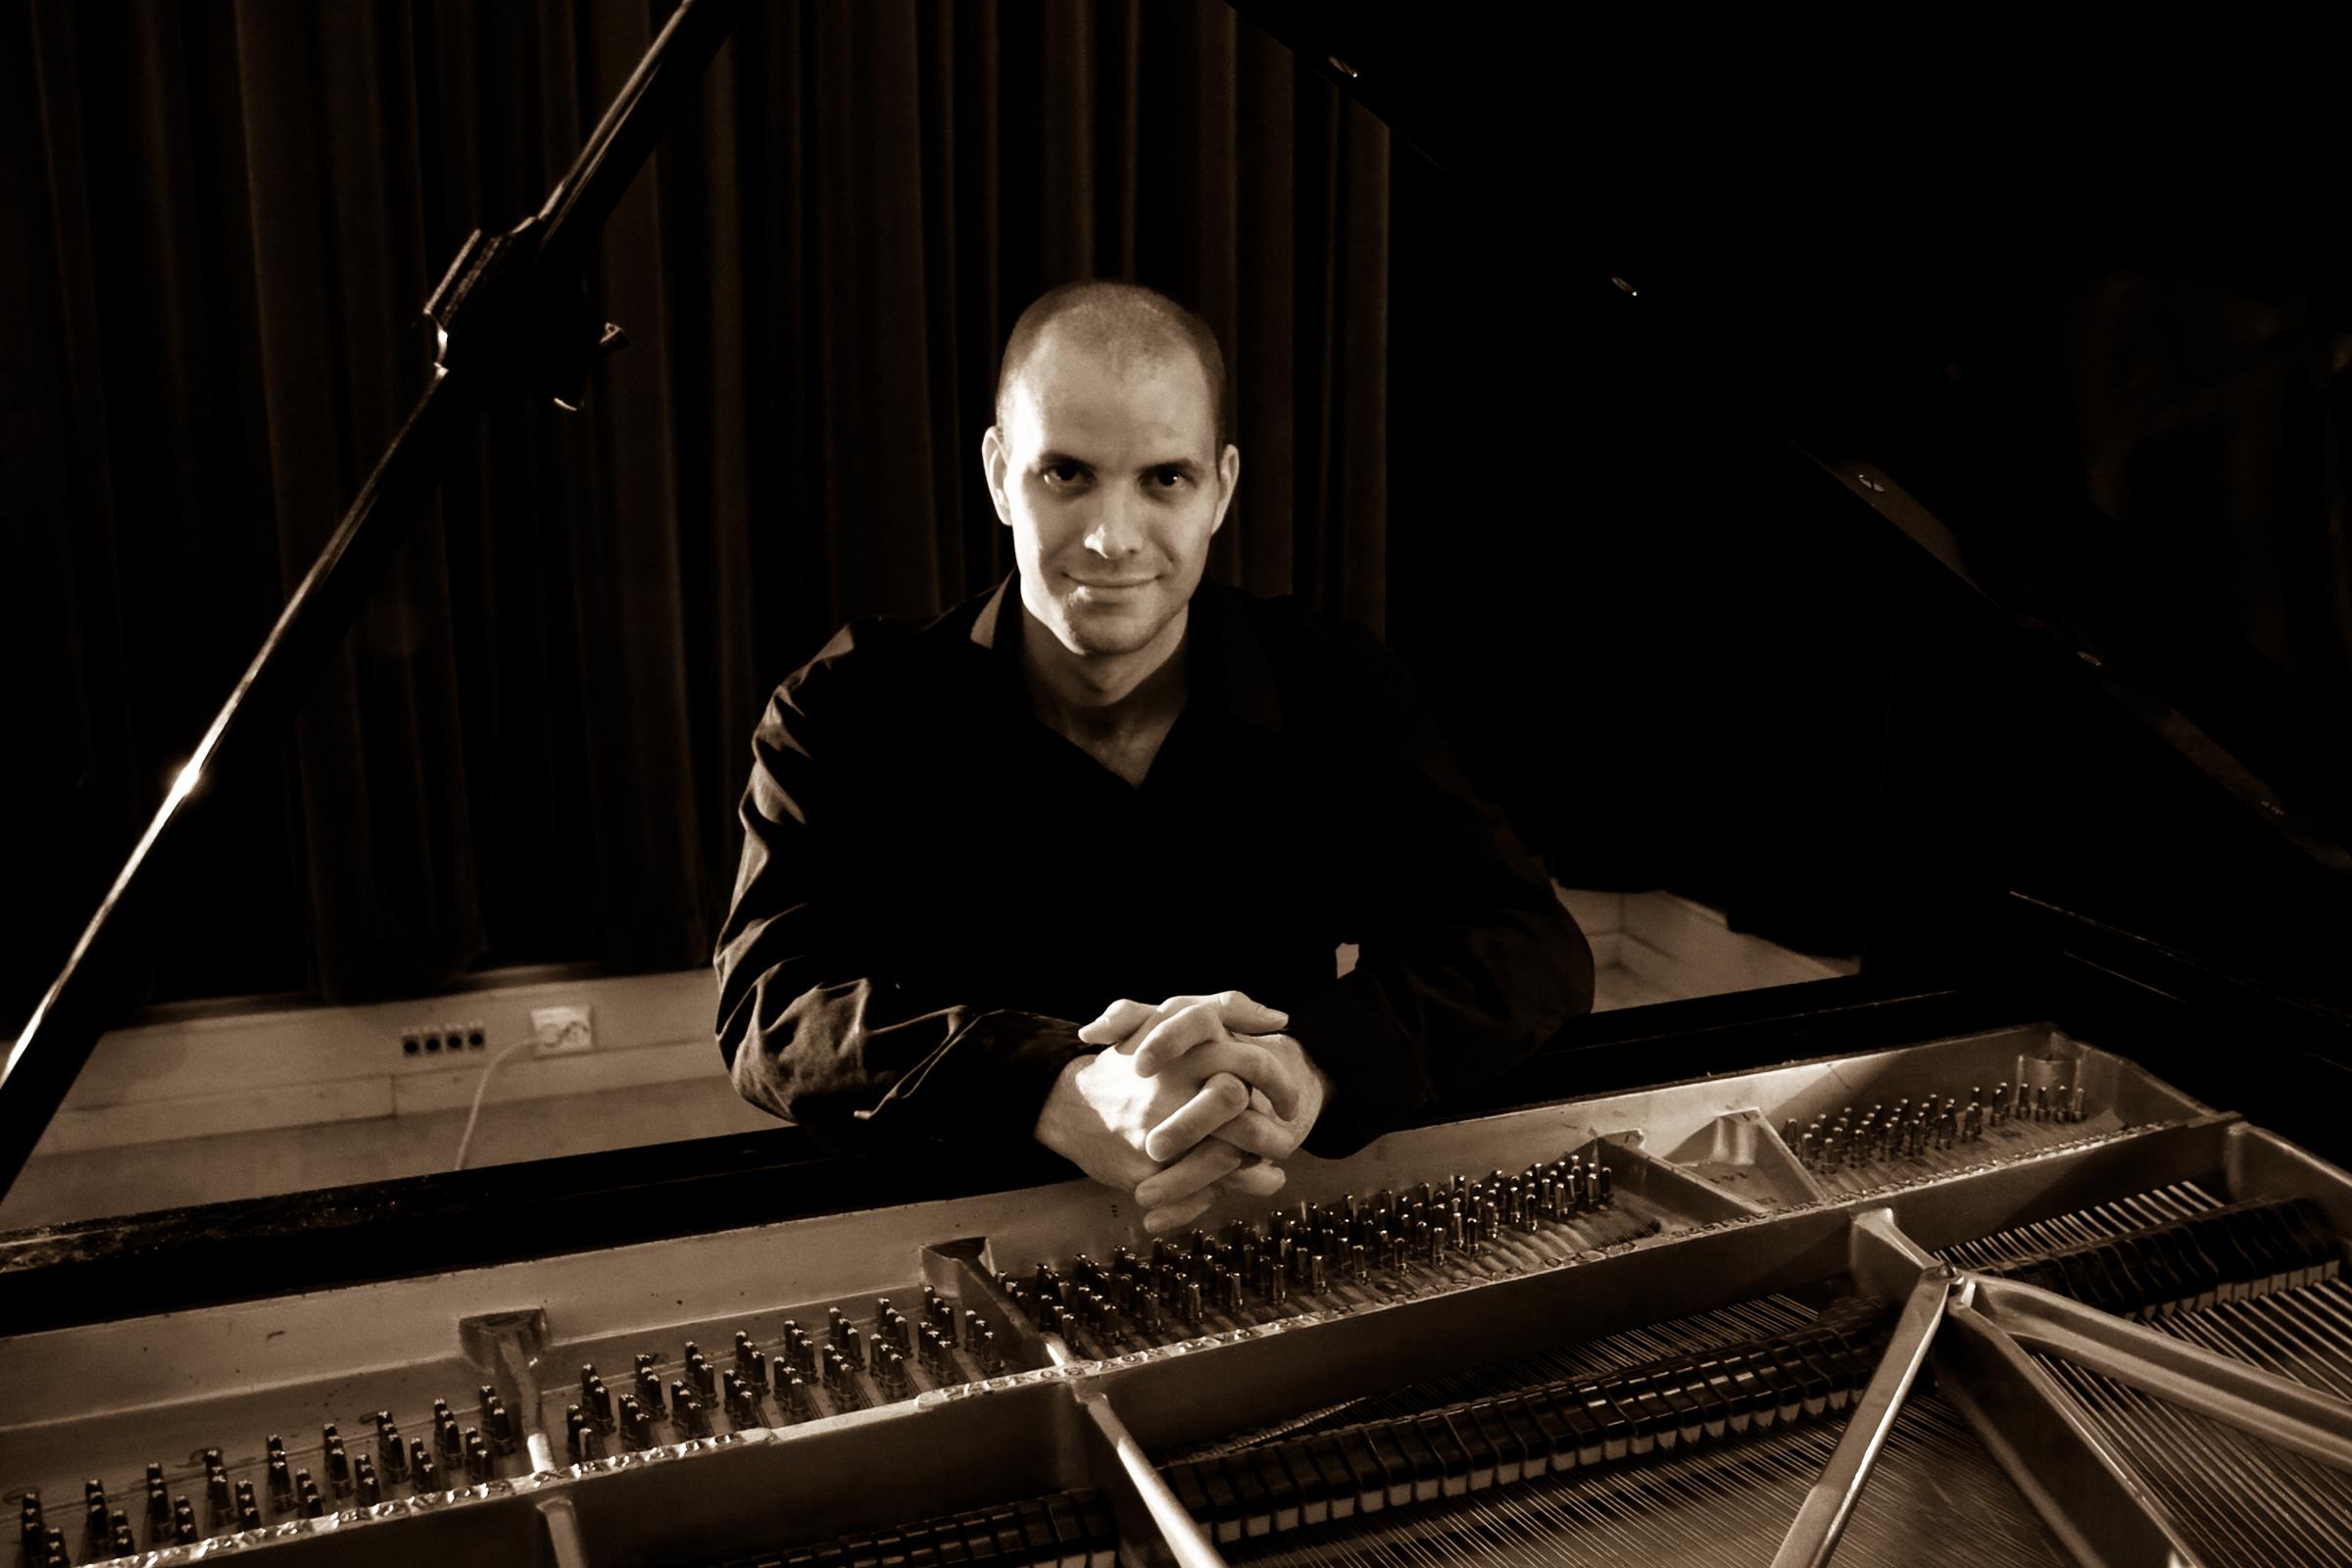 Daniel Lantz